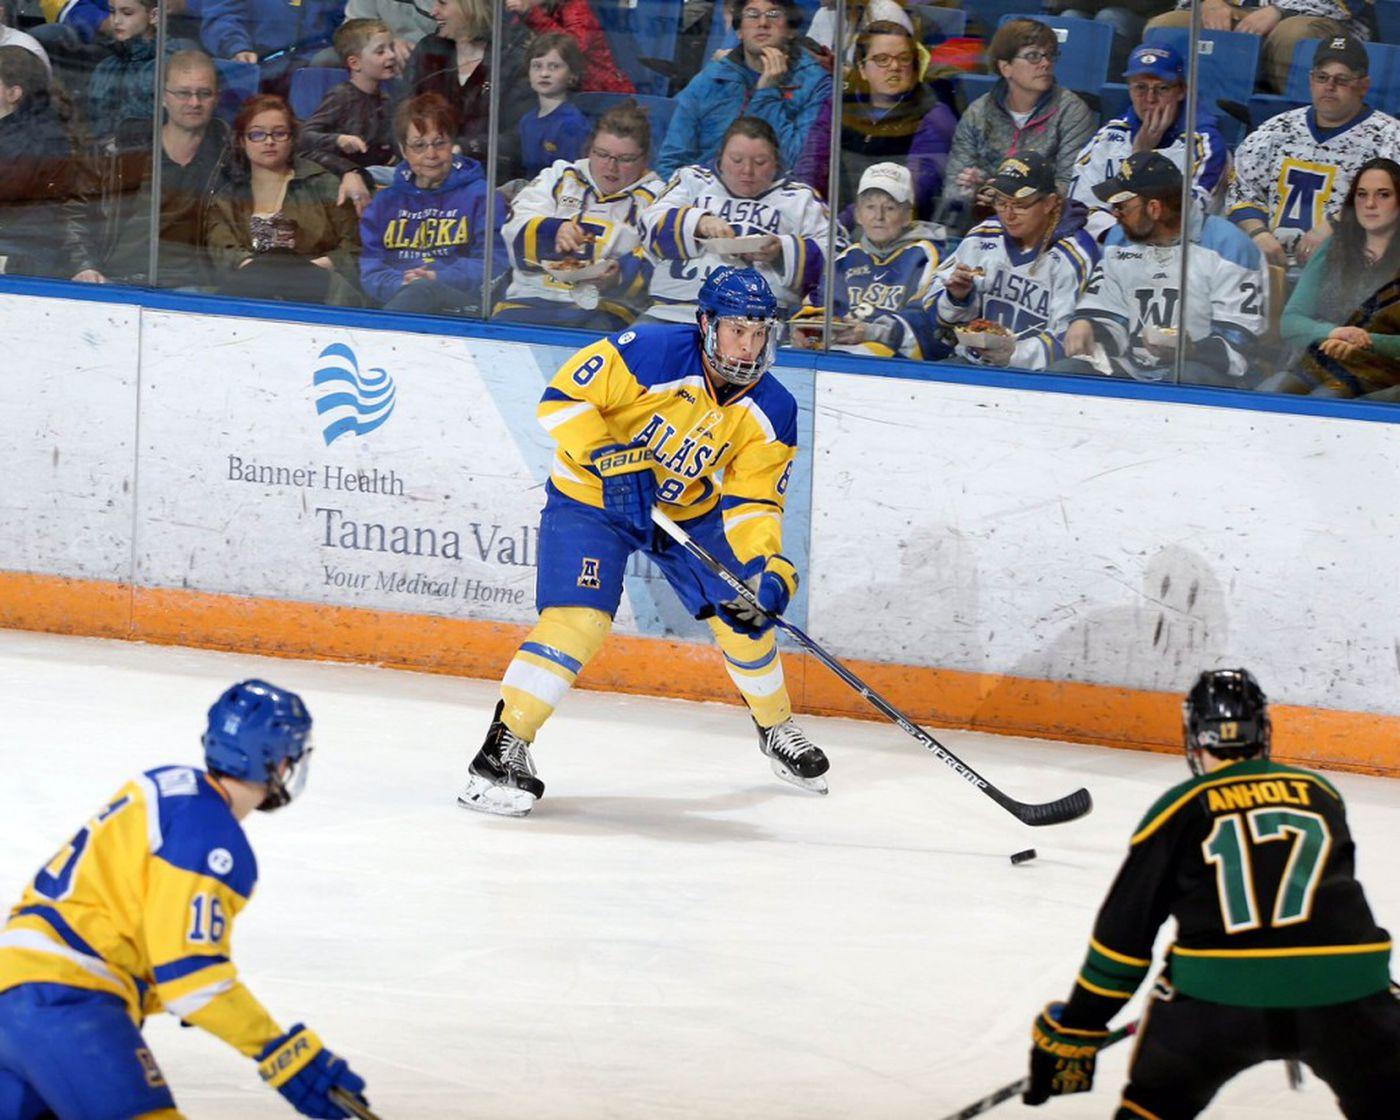 Justin Woods, playing for the UAF Nanooks. (Photo courtesy of University of Alaska Fairbanks Athletics)